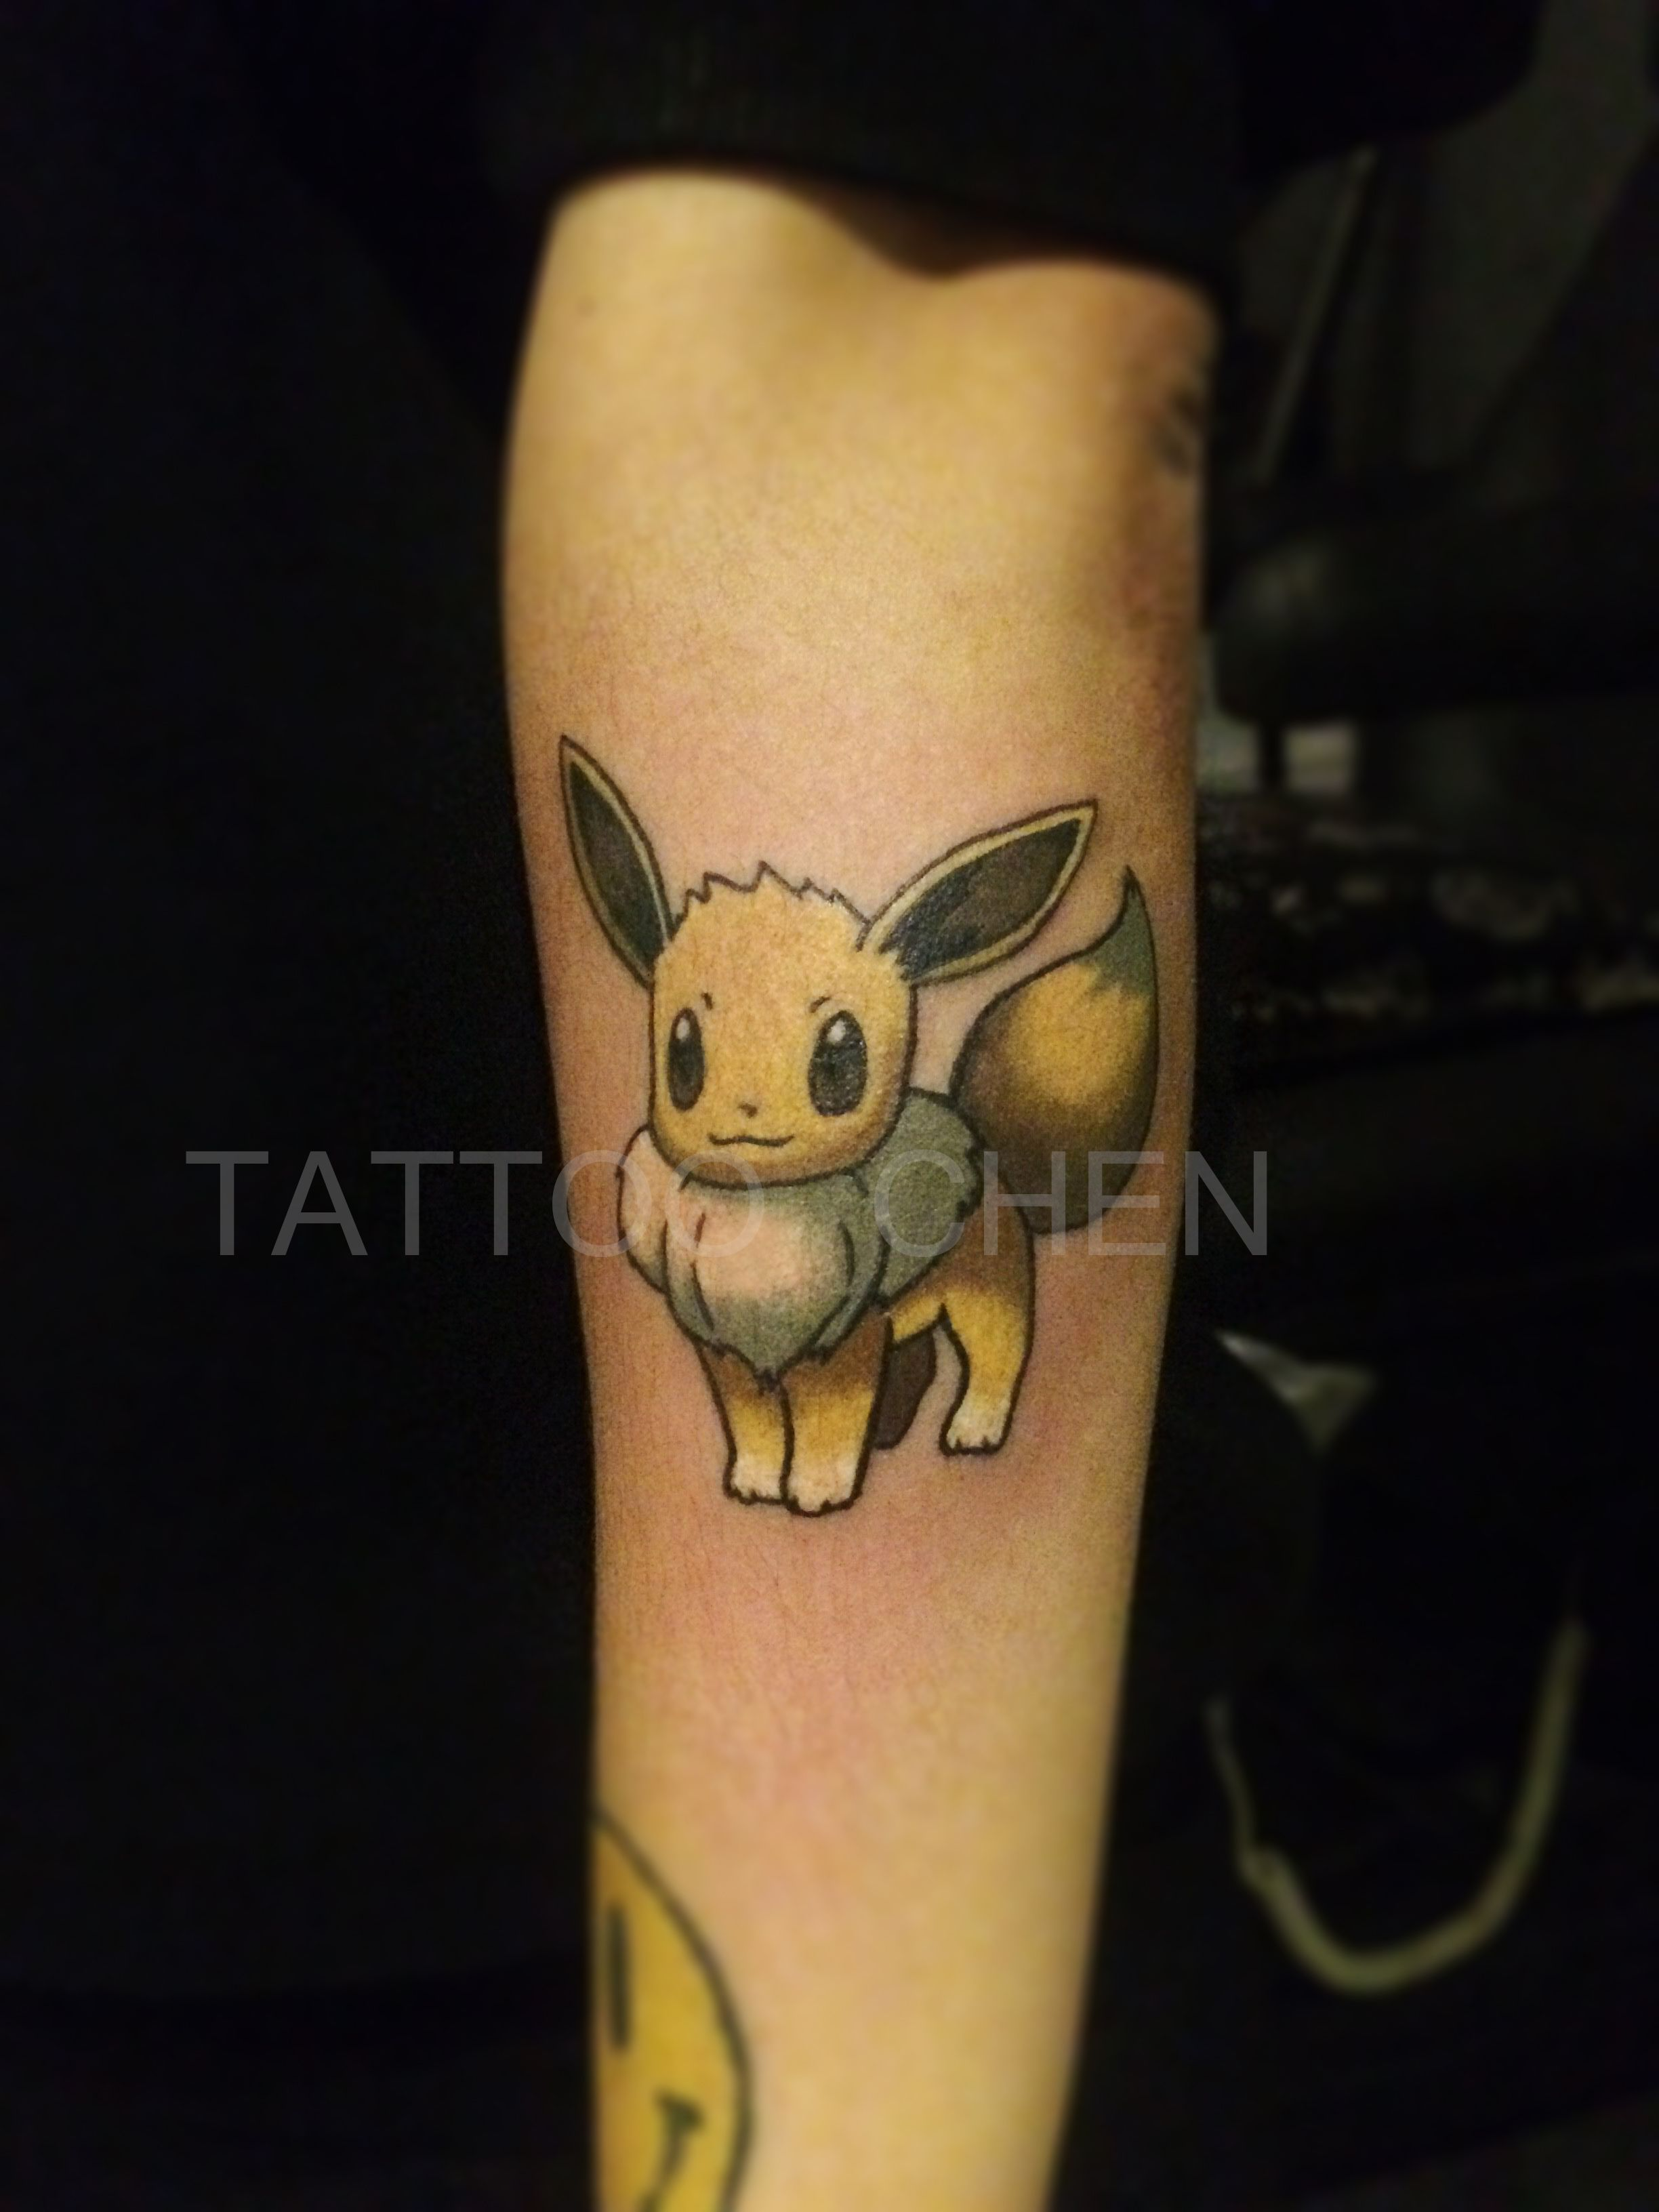 Tattoo辰  tattoo辰  Pinterest  Tattoo